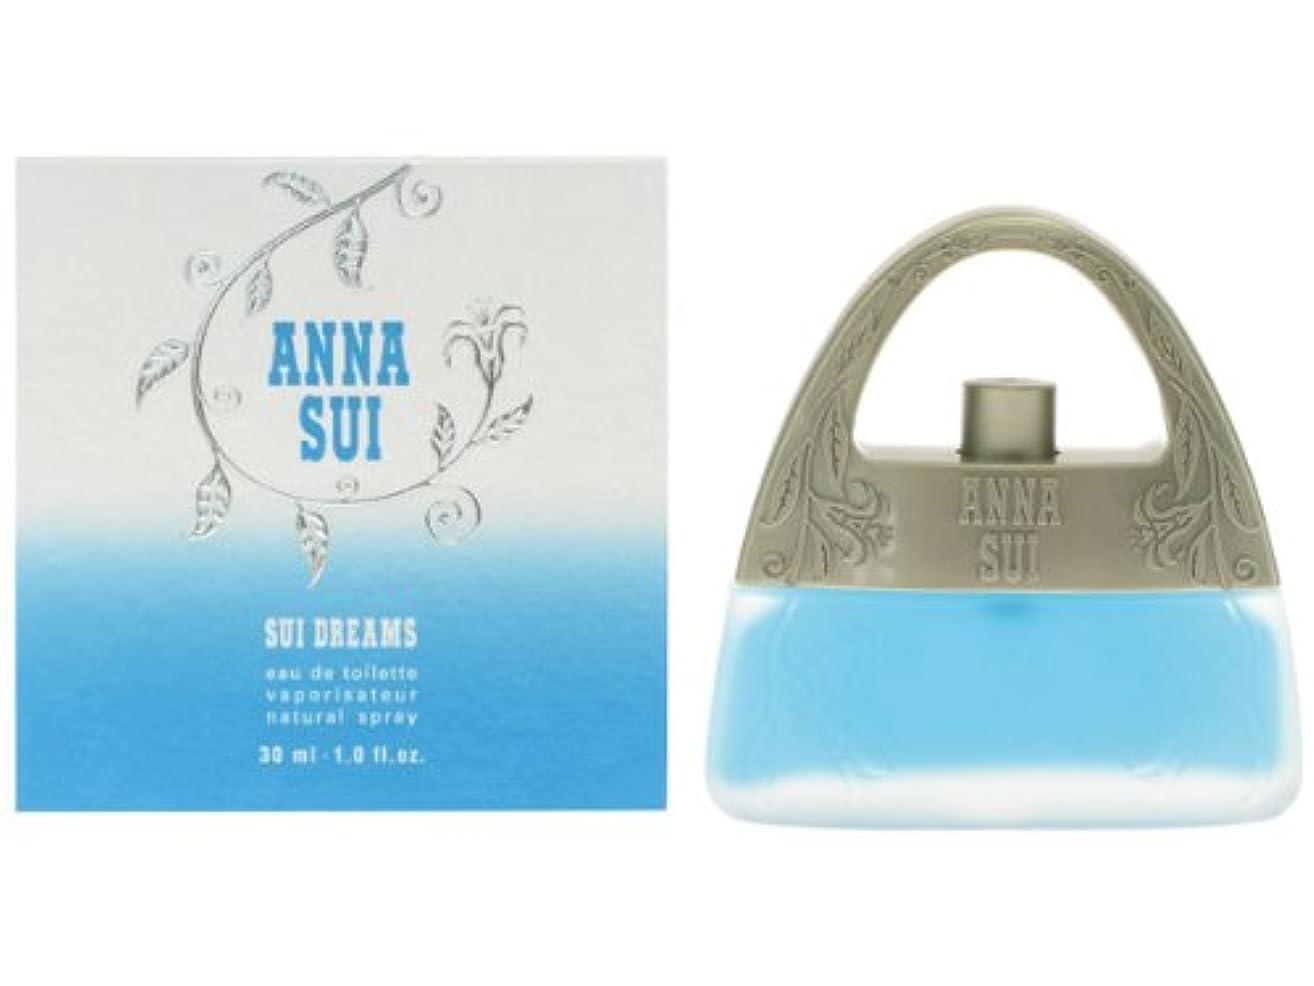 混合一緒改革アナスイ ANNA SUI 香水 スイドリームス ET/SP/30ML 182-AS-30【レディース】 [並行輸入品]